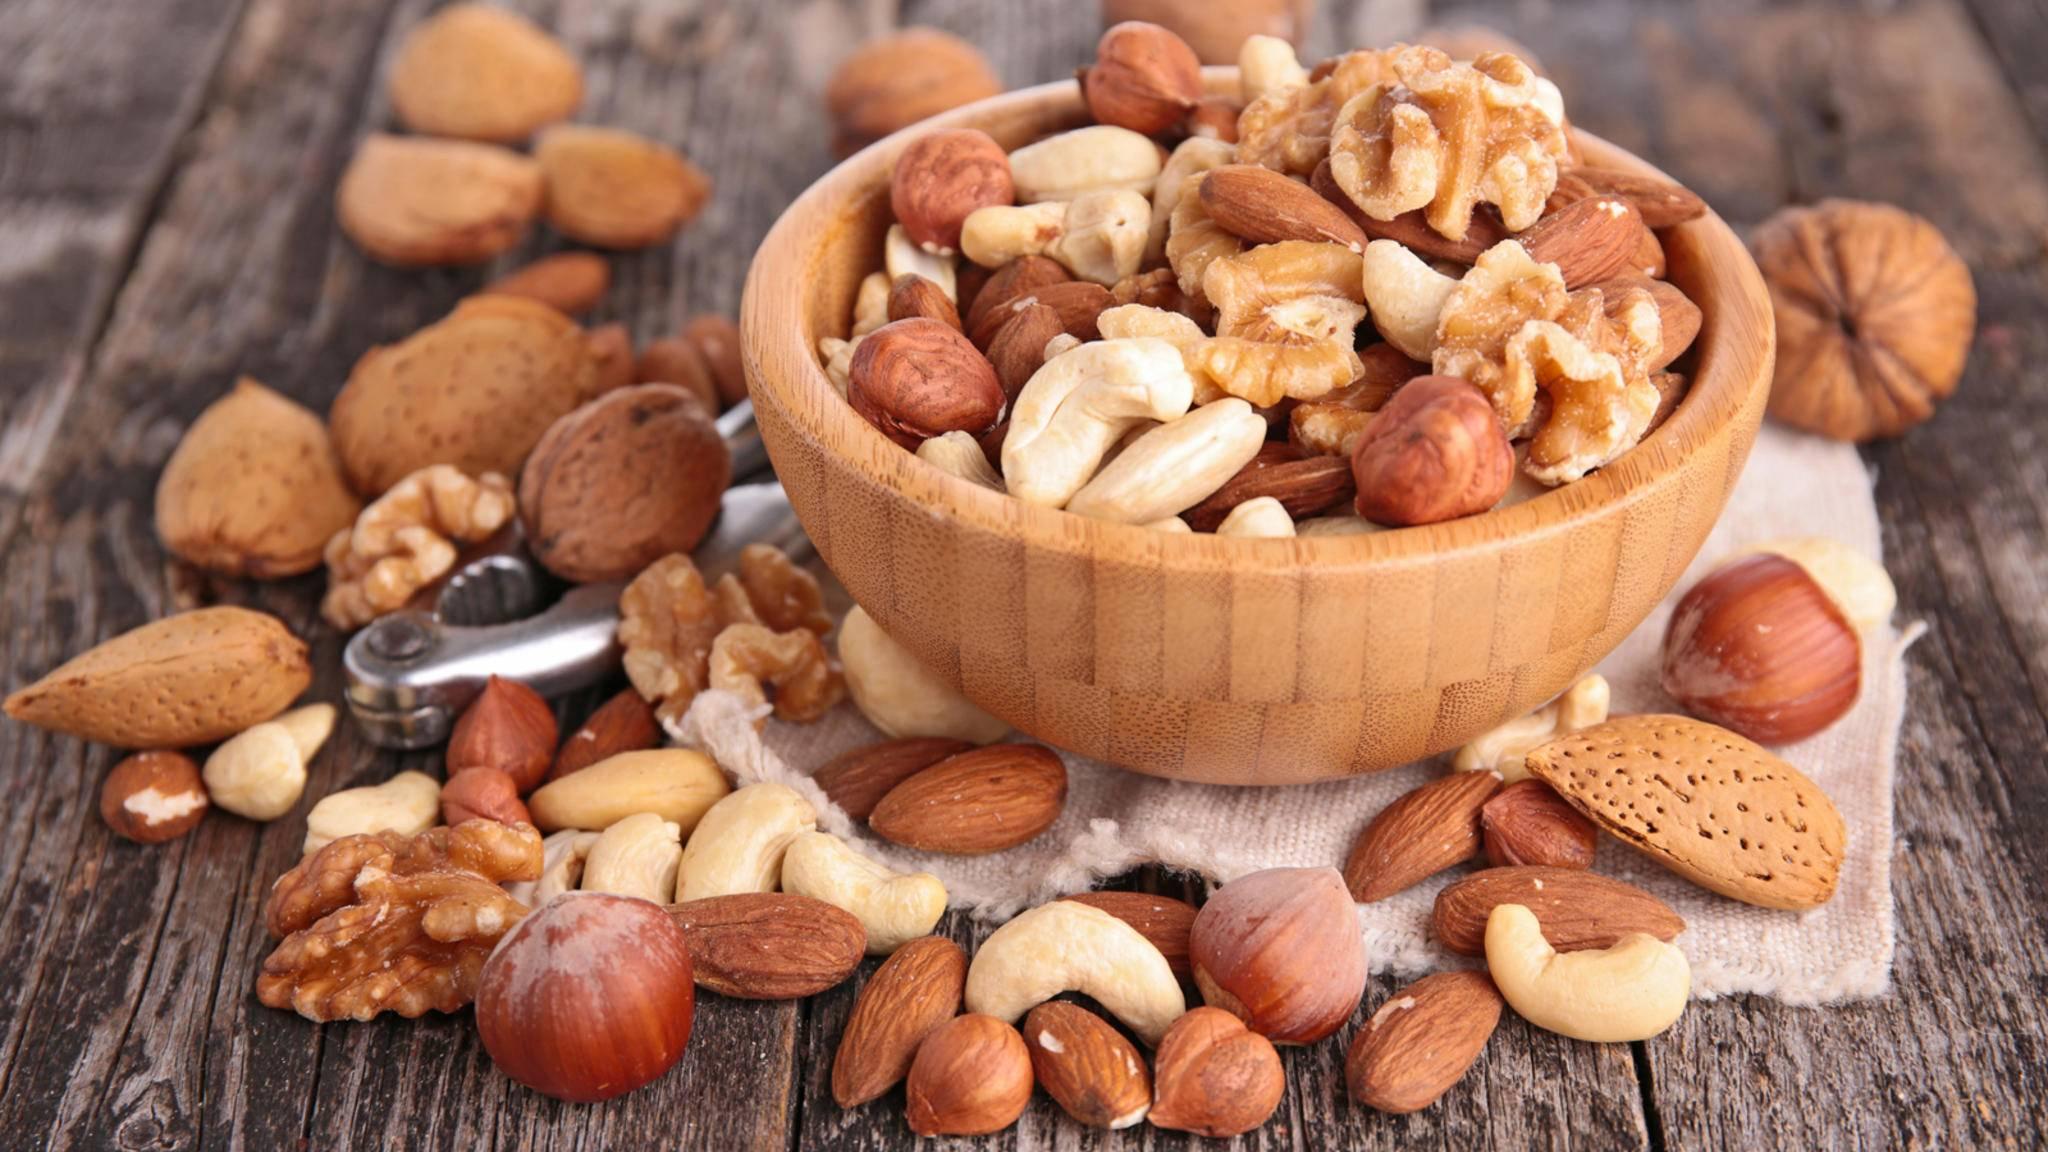 Ruhig ordentlich zugreifen: Nüsse haben jede Menge gesunde Inhaltsstoffe.